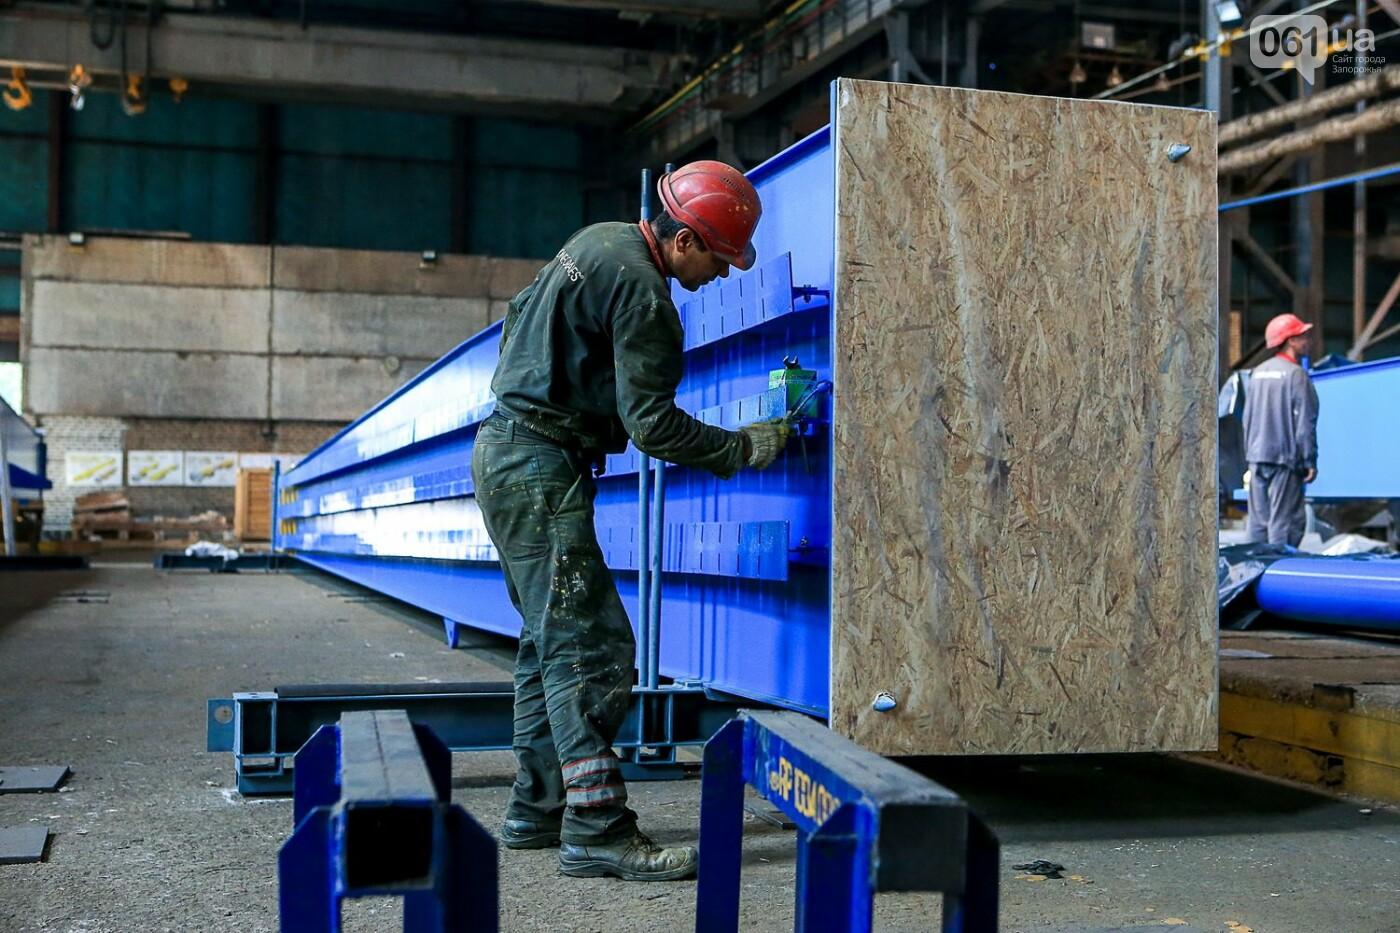 Как в Запорожье работает крупнейший в Европе завод по производству кранов: экскурсия на производство, — ФОТОРЕПОРТАЖ, фото-31